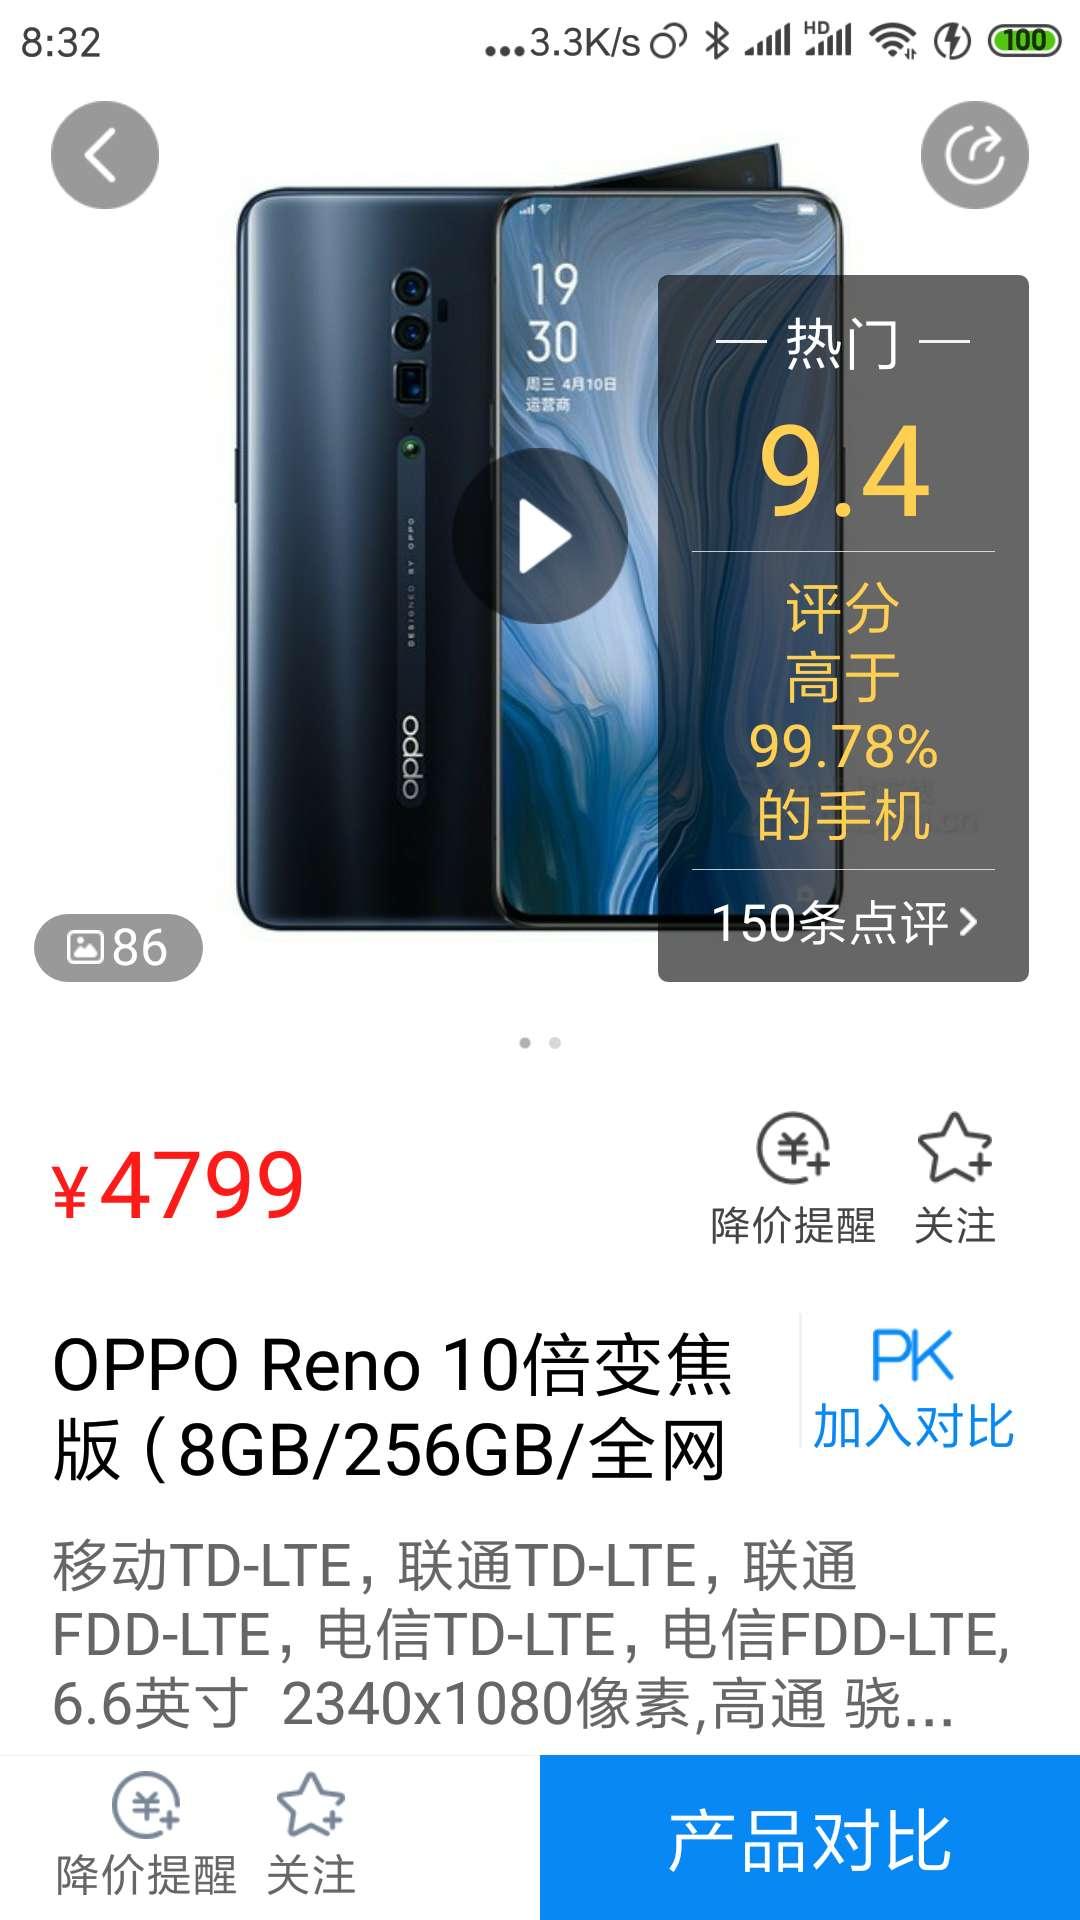 OPPO Reno十倍变焦版值得买吗?